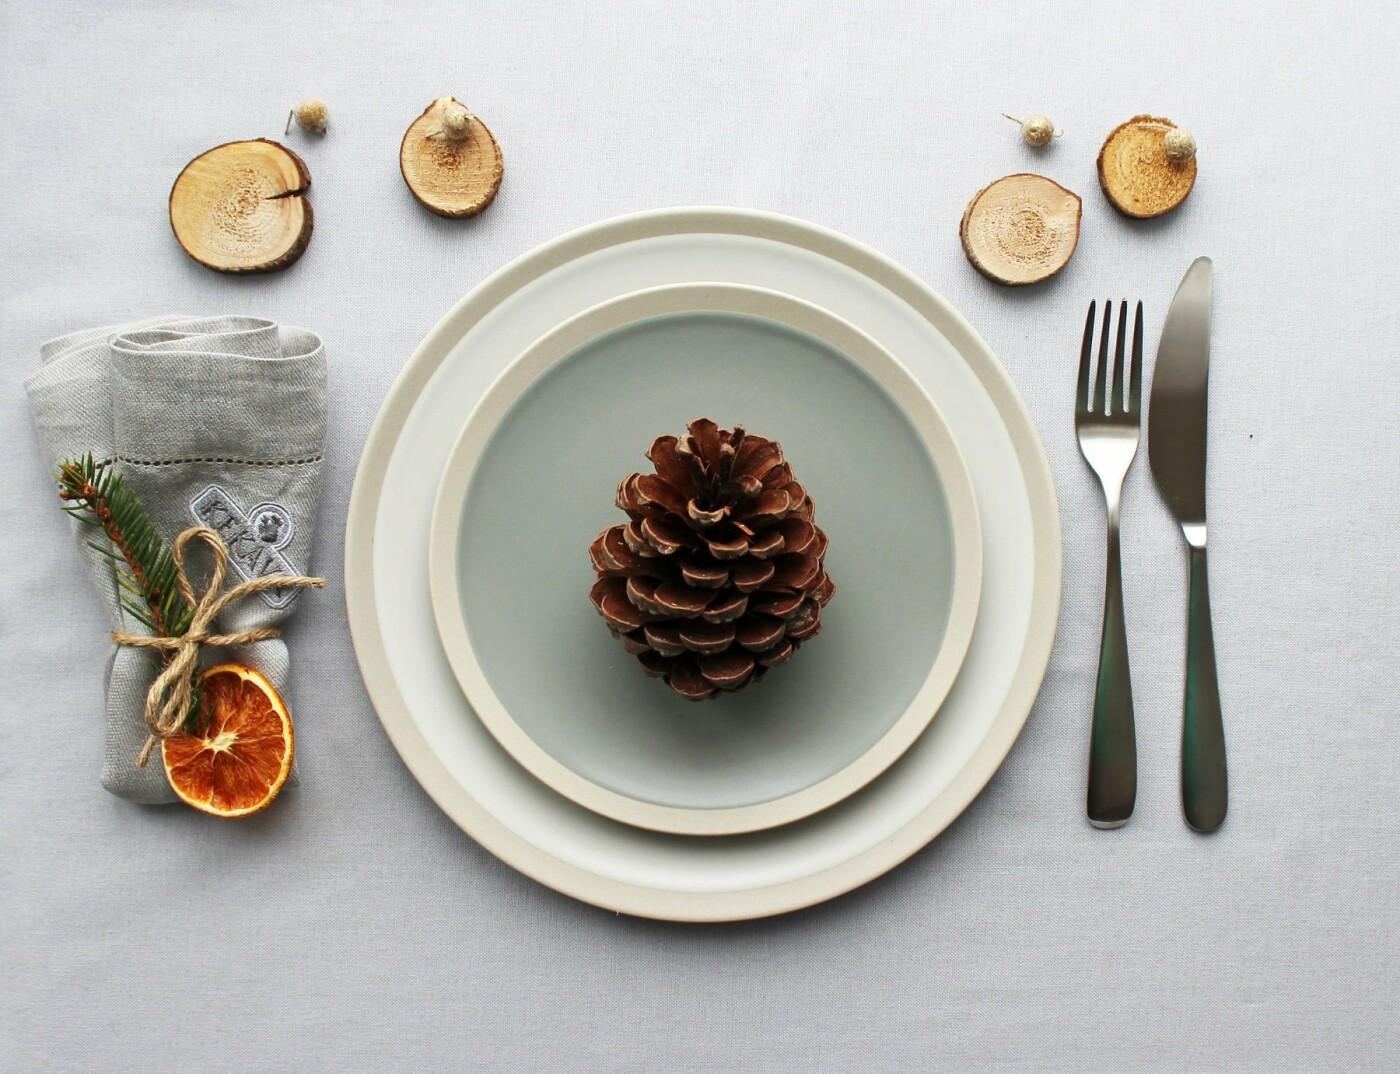 Maisto tinklaraštininkė Kristina Pišniukaitė pataria, kaip iš vieno produkto paruošti tris Kalėdinius patiekalus, nuotrauka-2